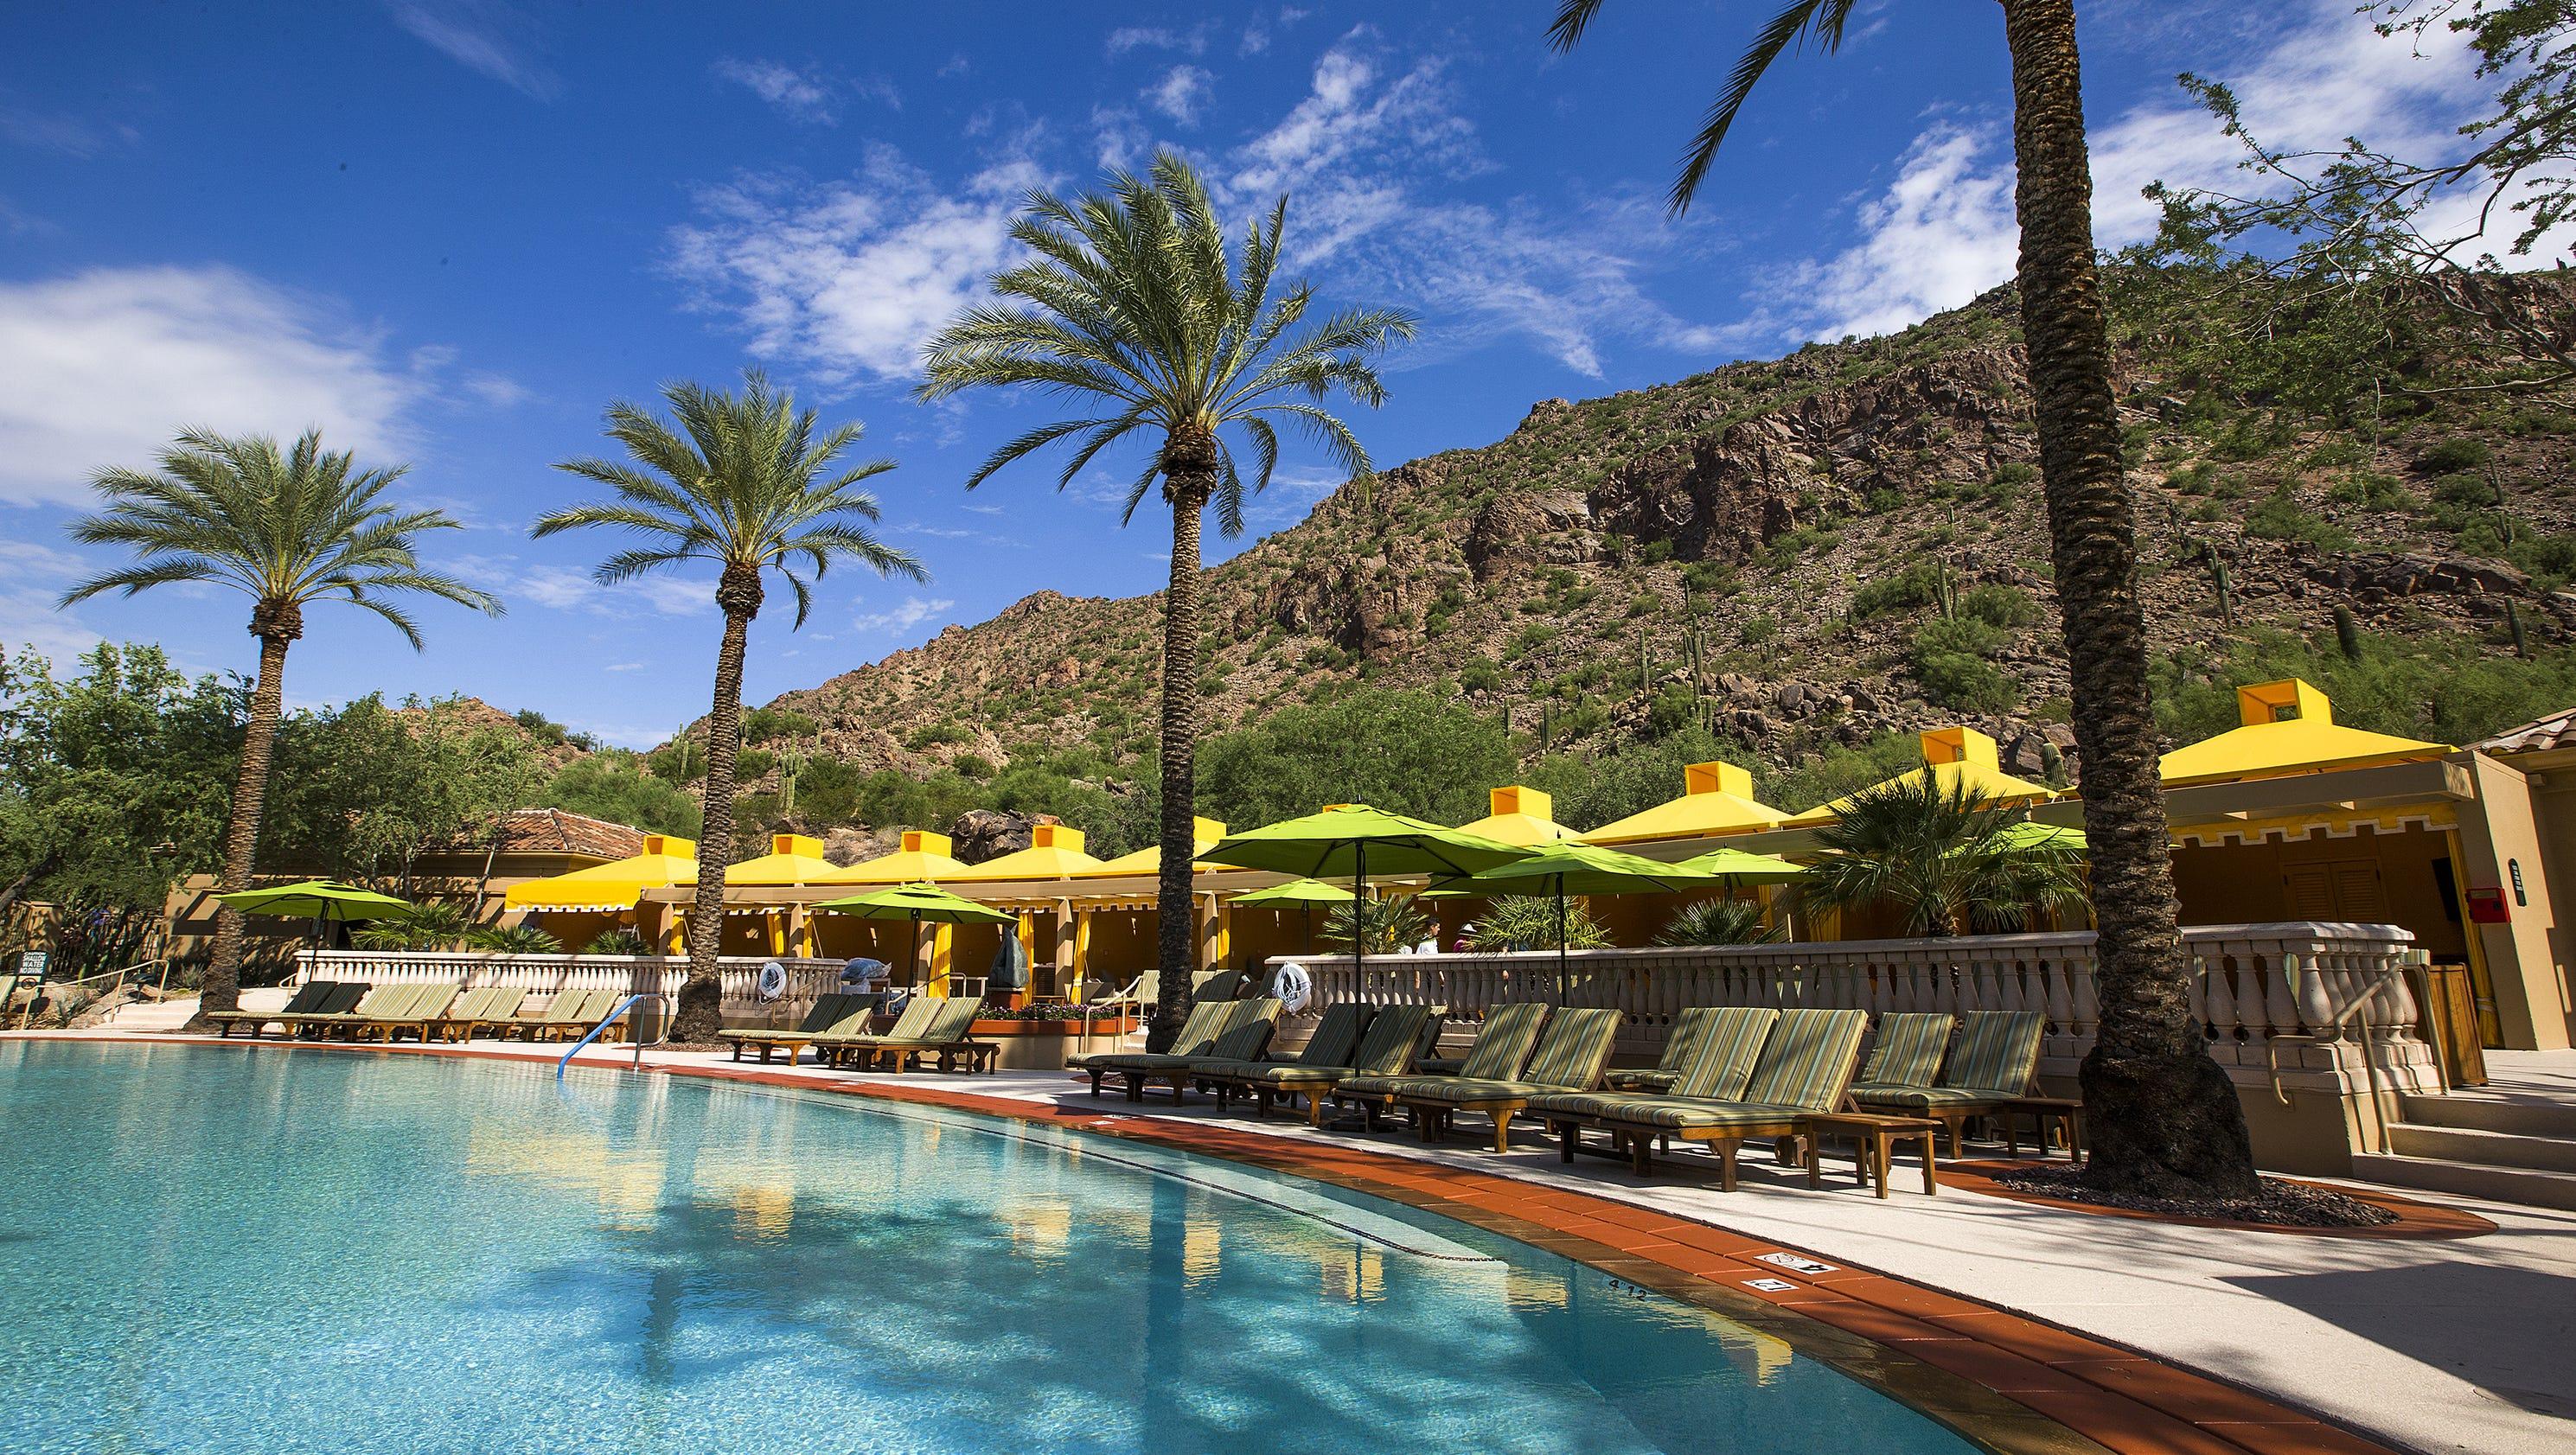 The Resort Apartments Phoenix Az